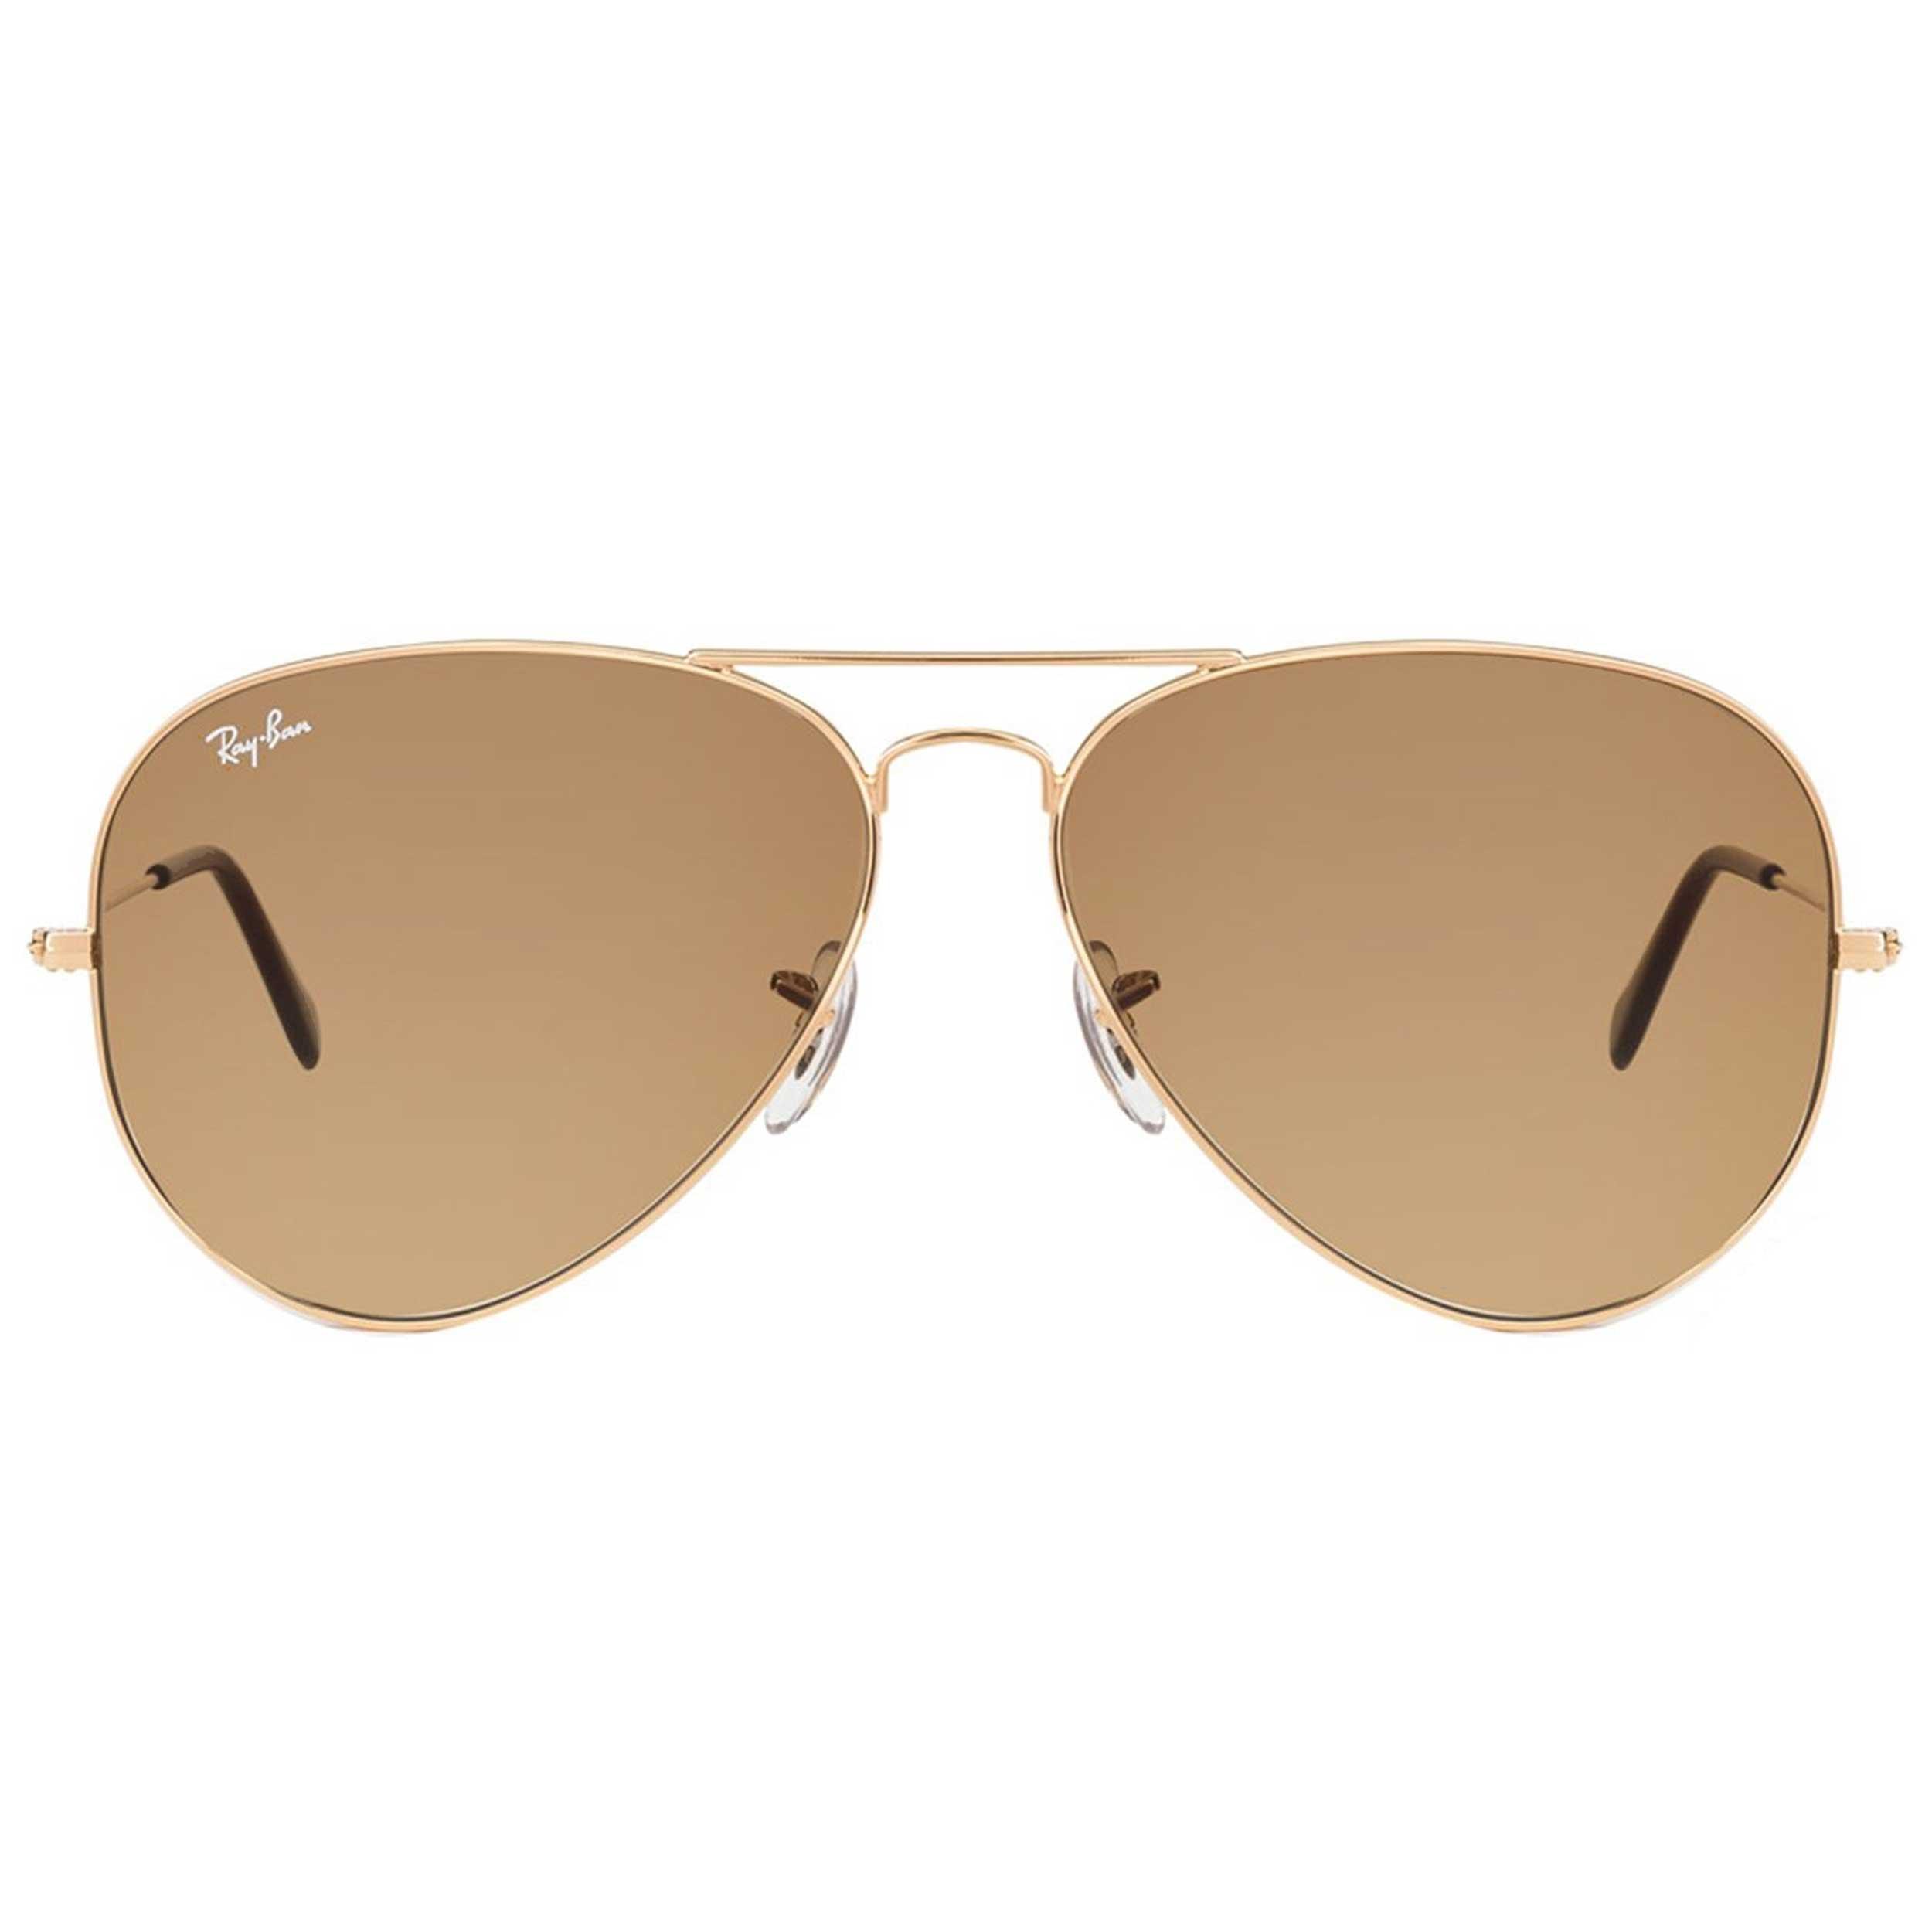 عینک آفتابی ری بن مدل 3025-001/51-62